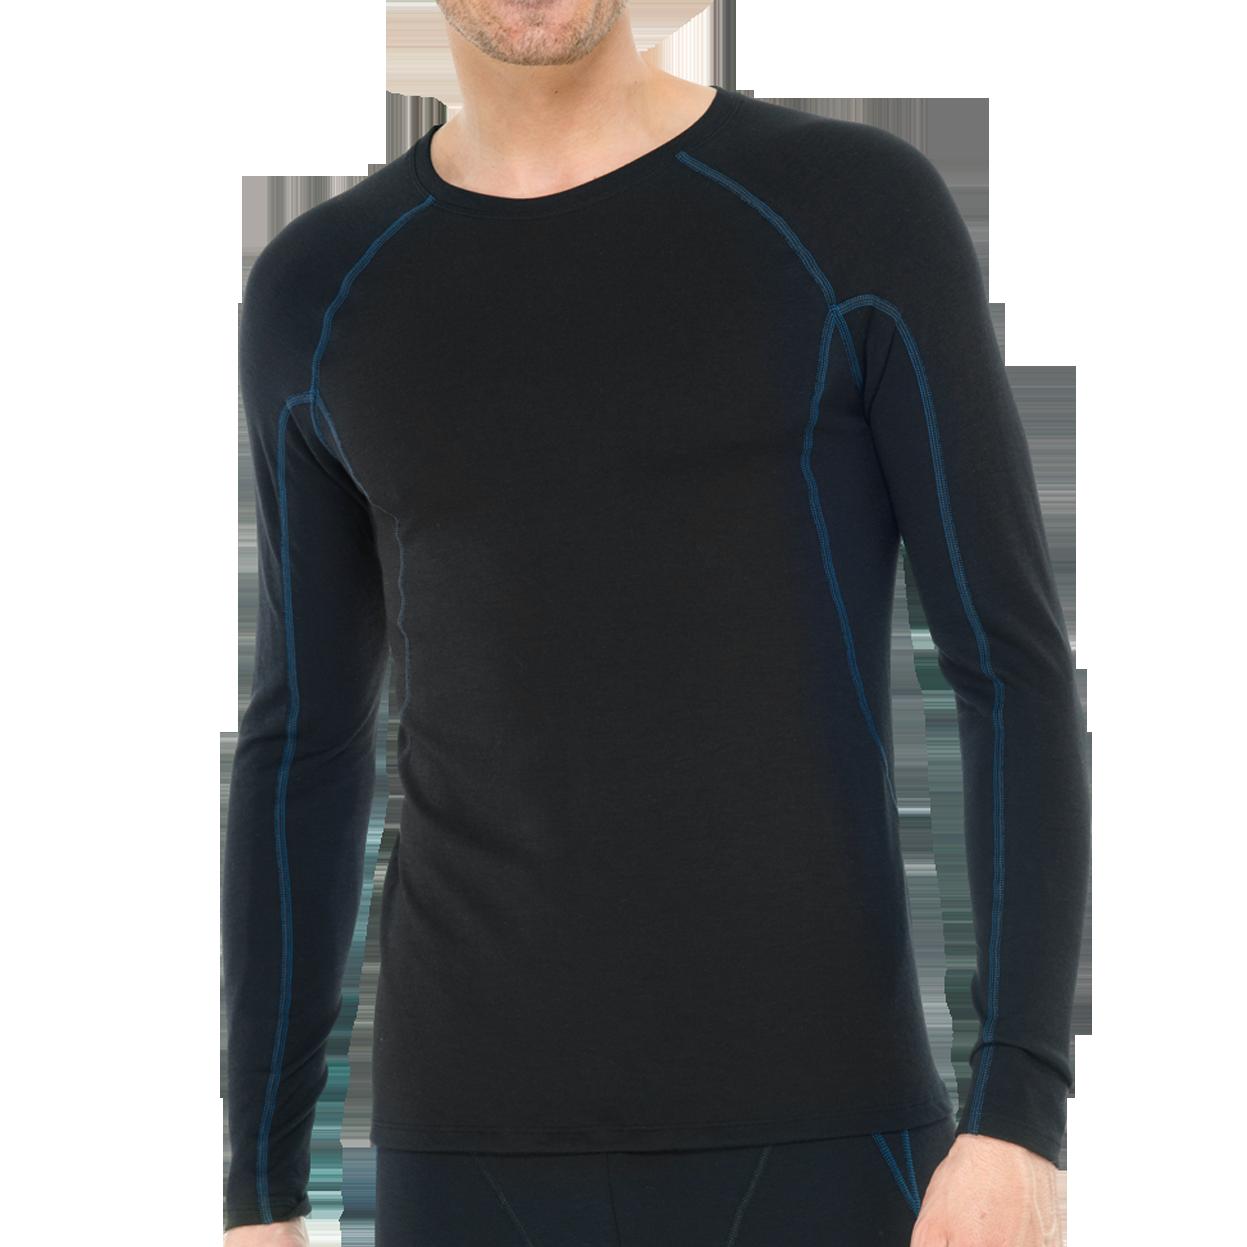 Thermo T-shirt met lange mouw 135306 - zwart mt. 4-1